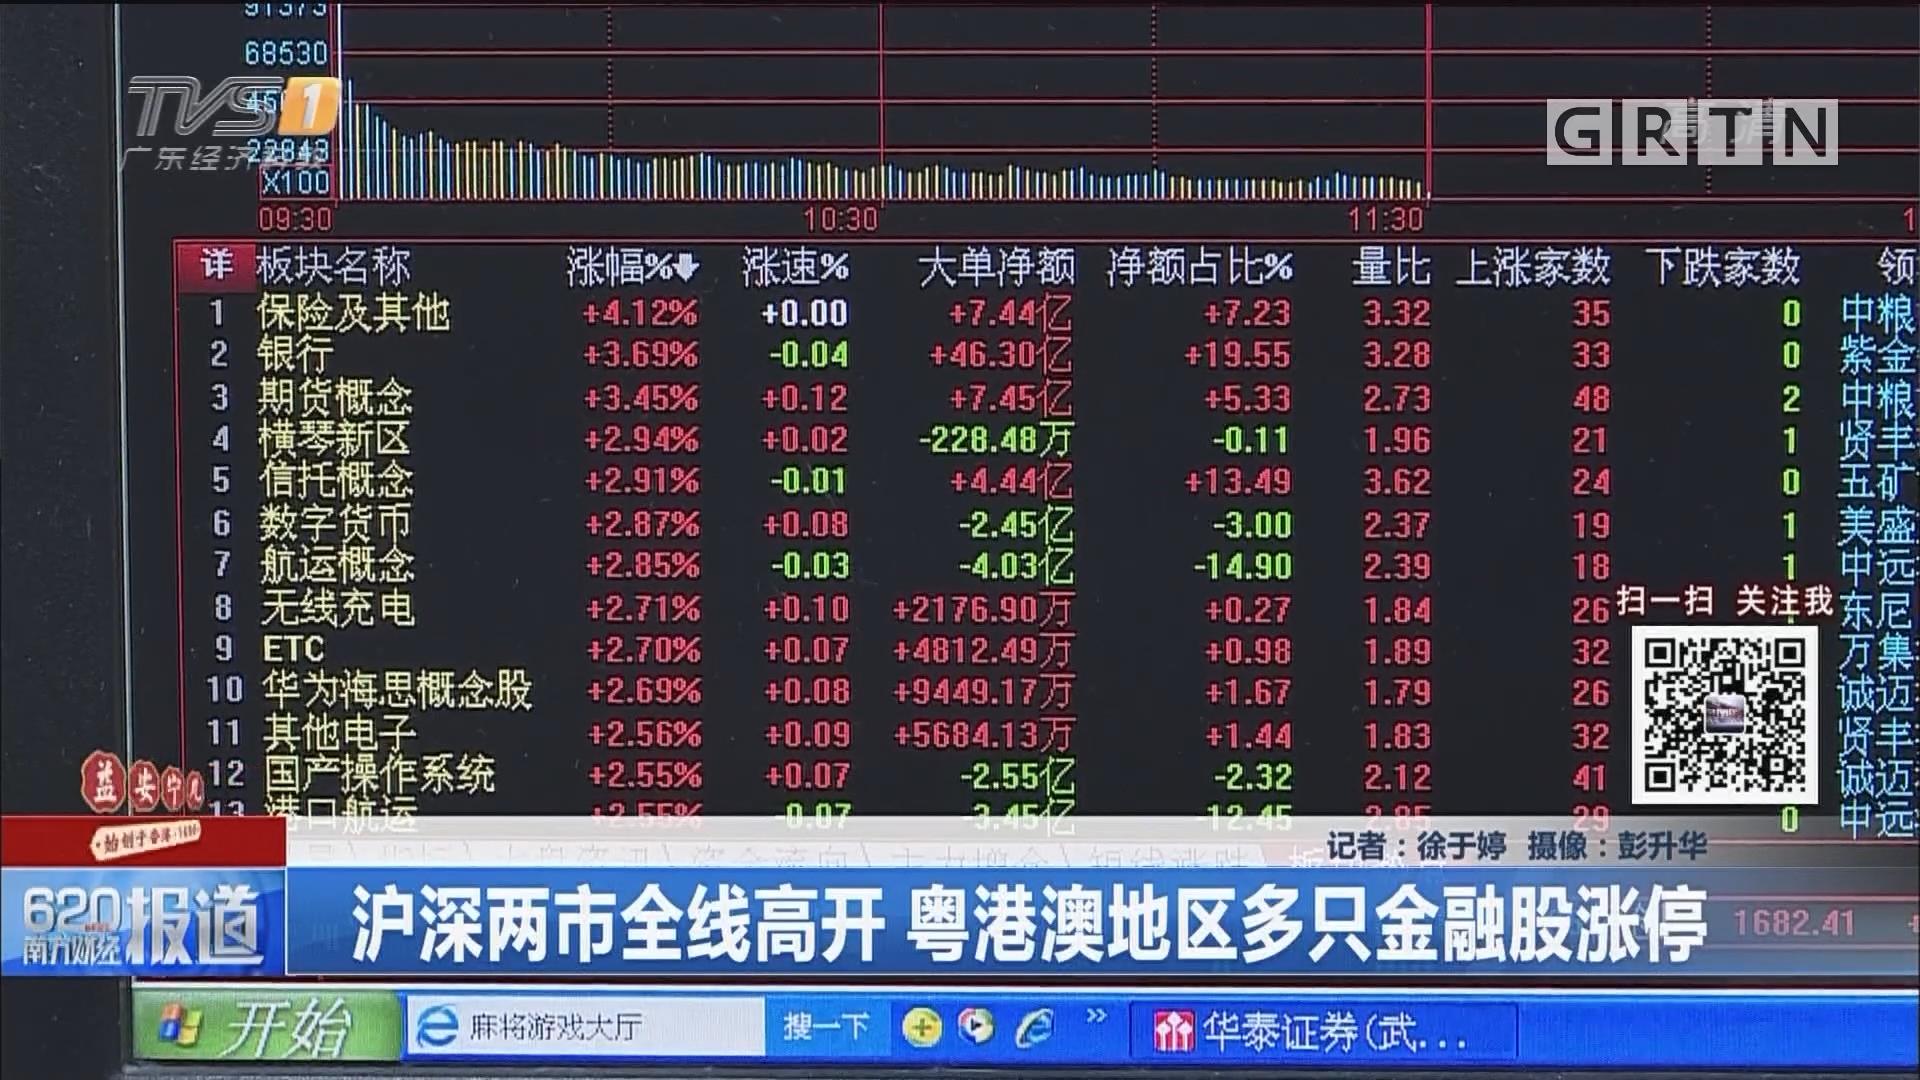 沪深两市全线高开 粤港澳地区多只金融股涨停